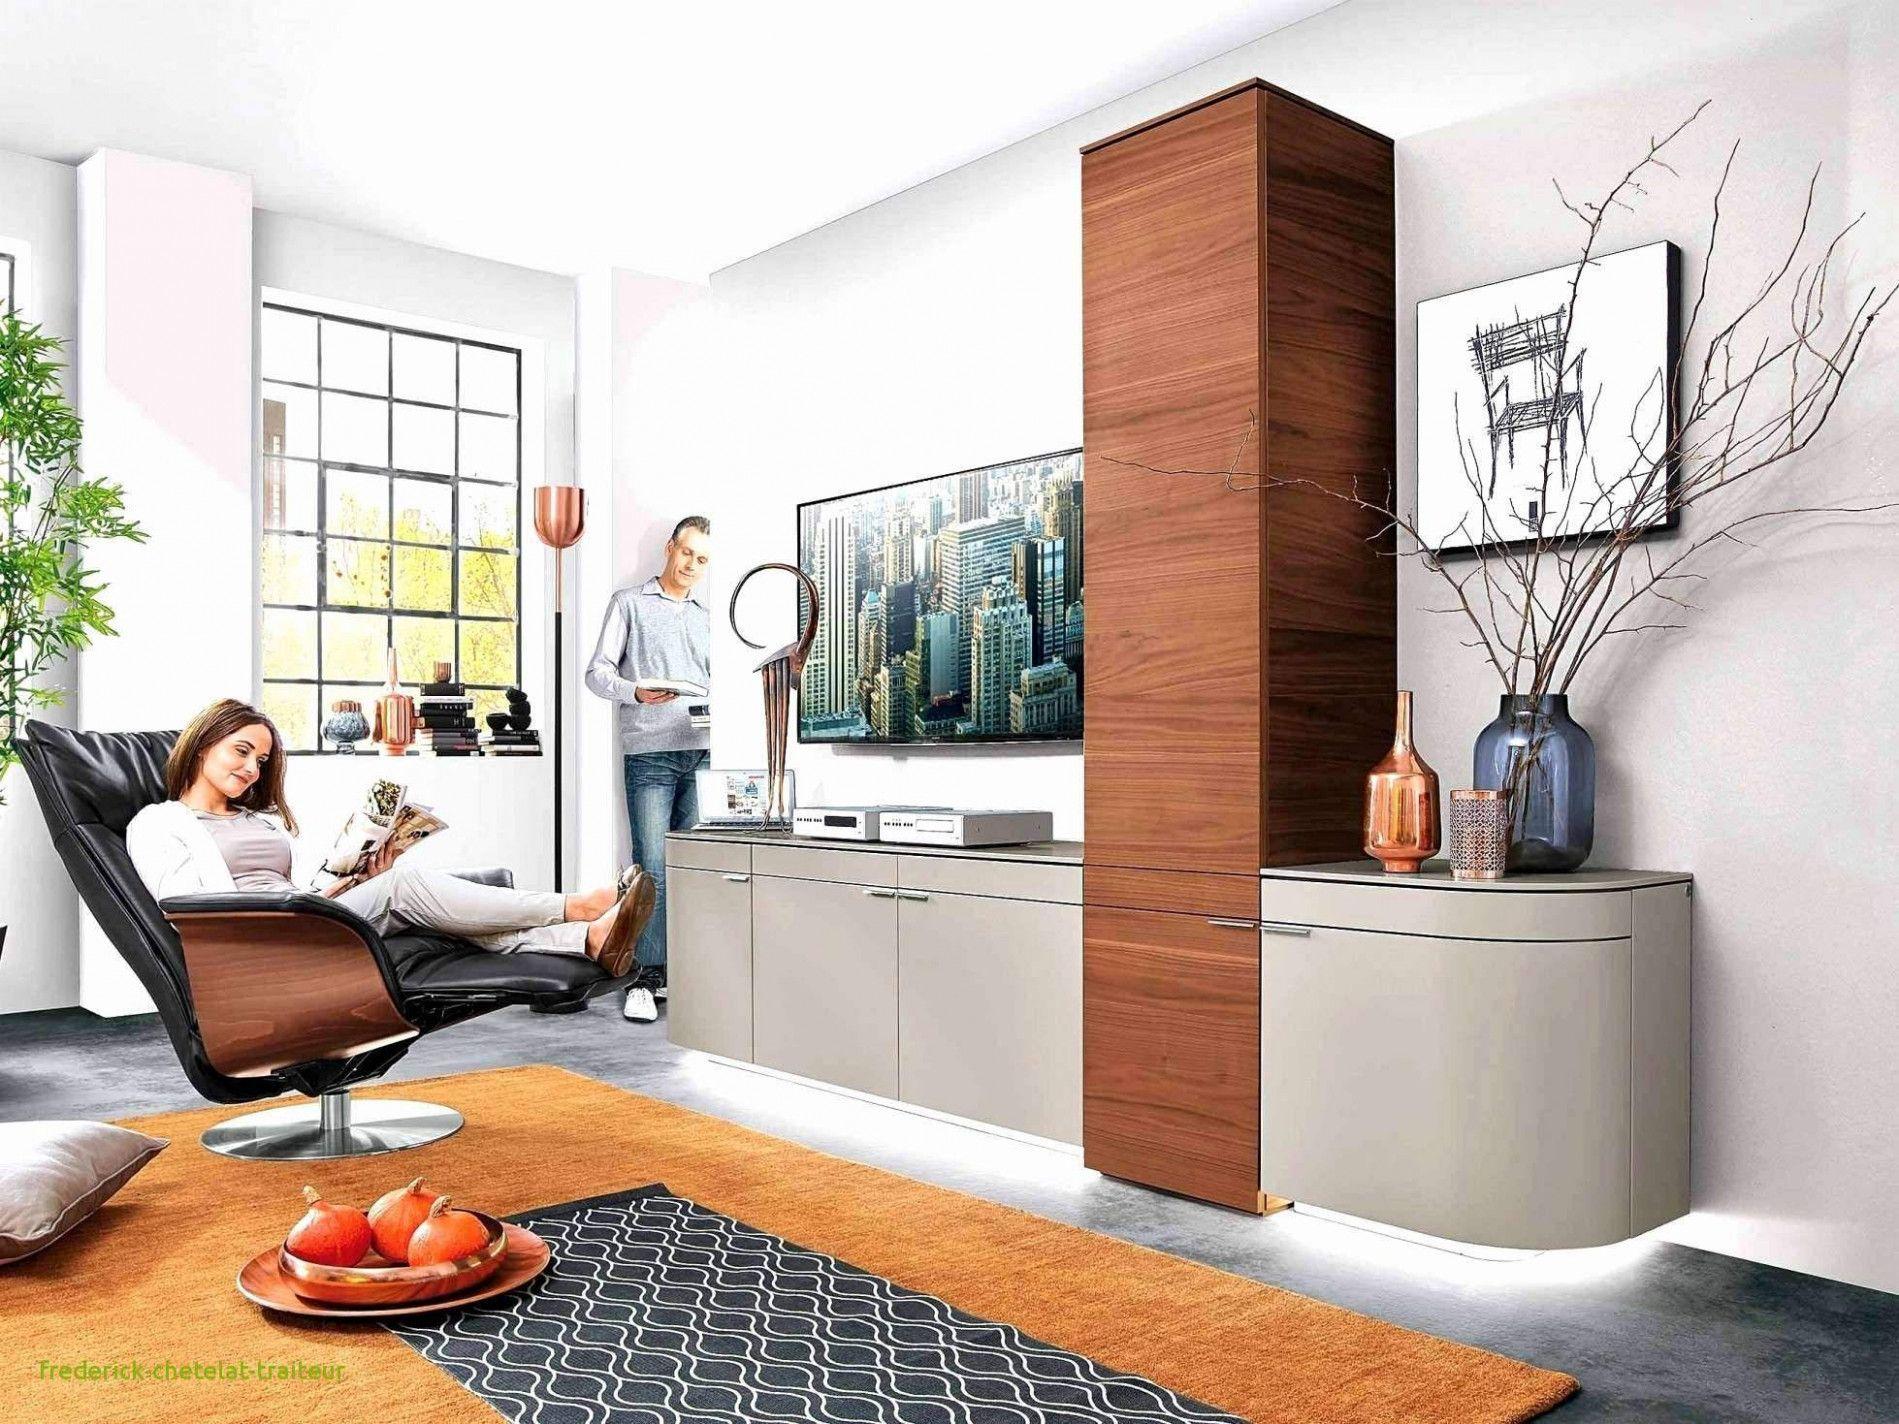 10 Ausmalen Wohn Ideen in 10  Wohnzimmer ideen